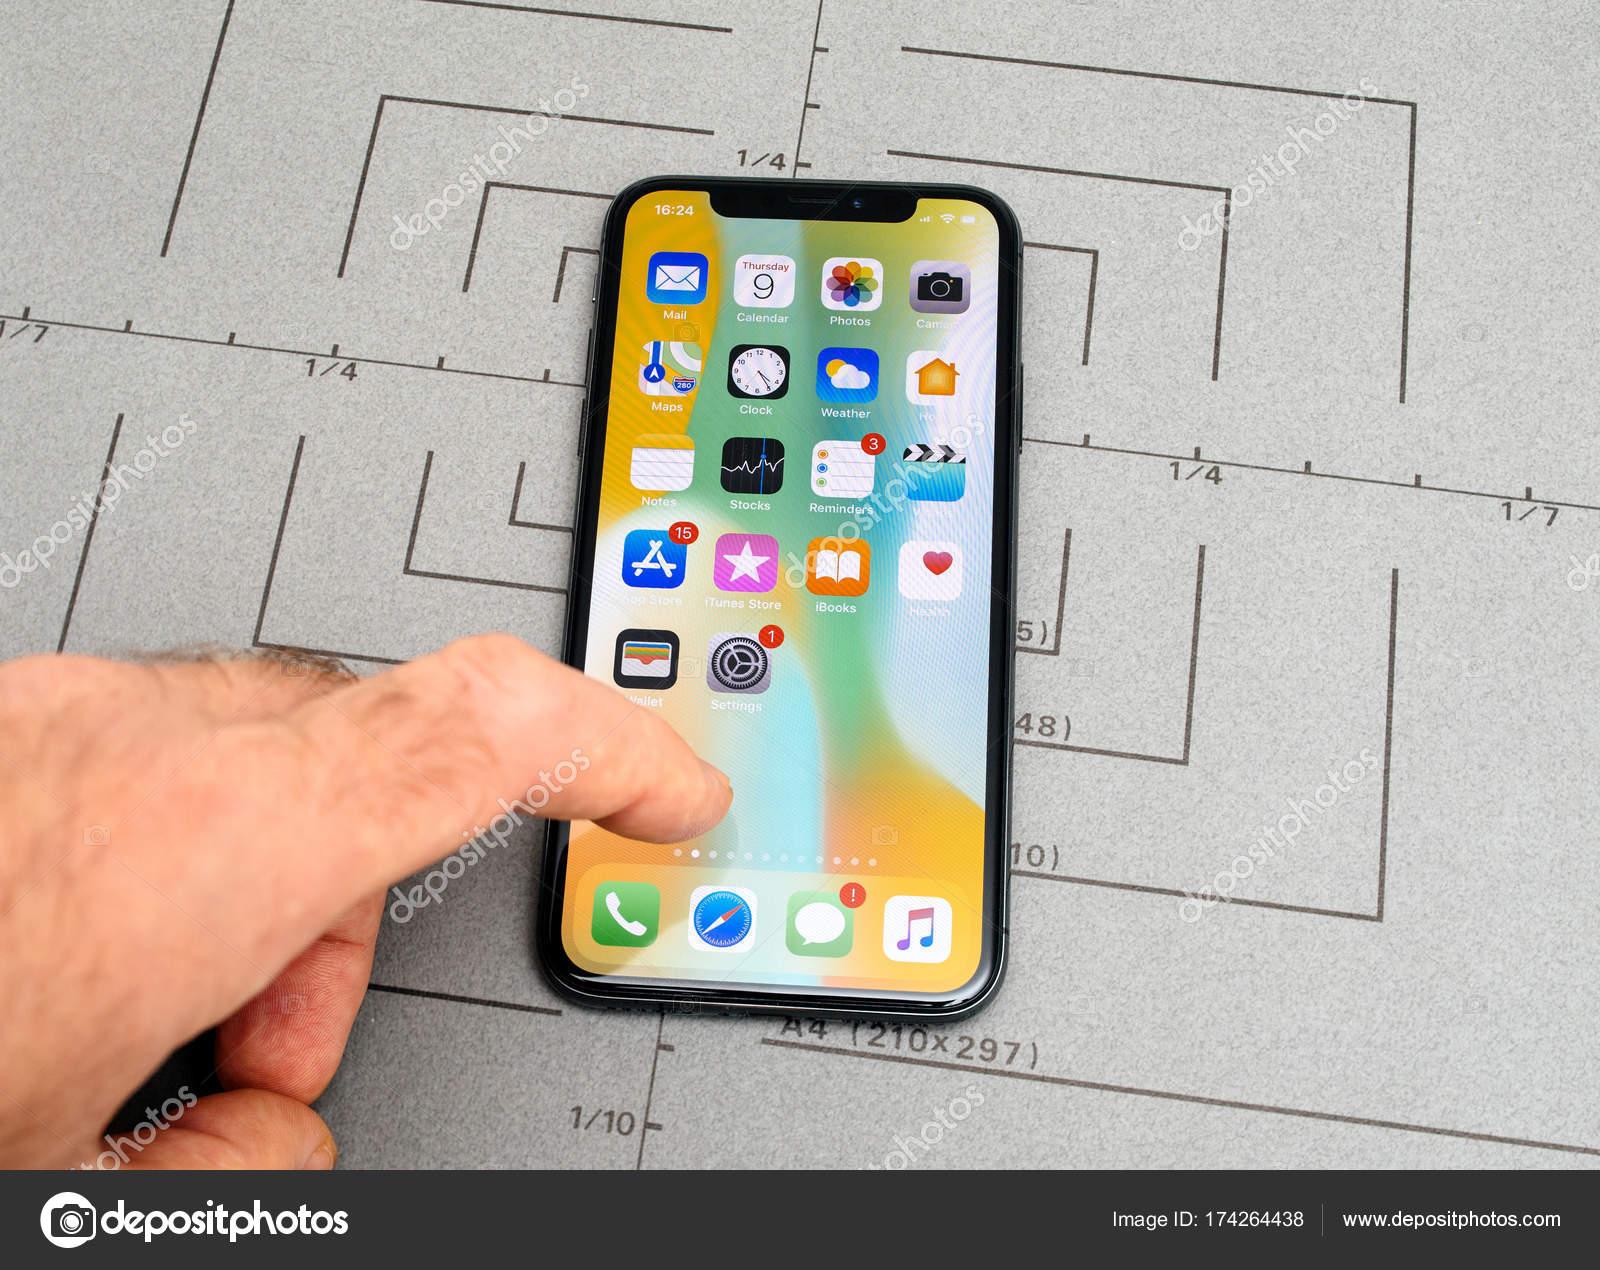 Configurar No Iphone X 10 App Aplicativo Software Mão Tela